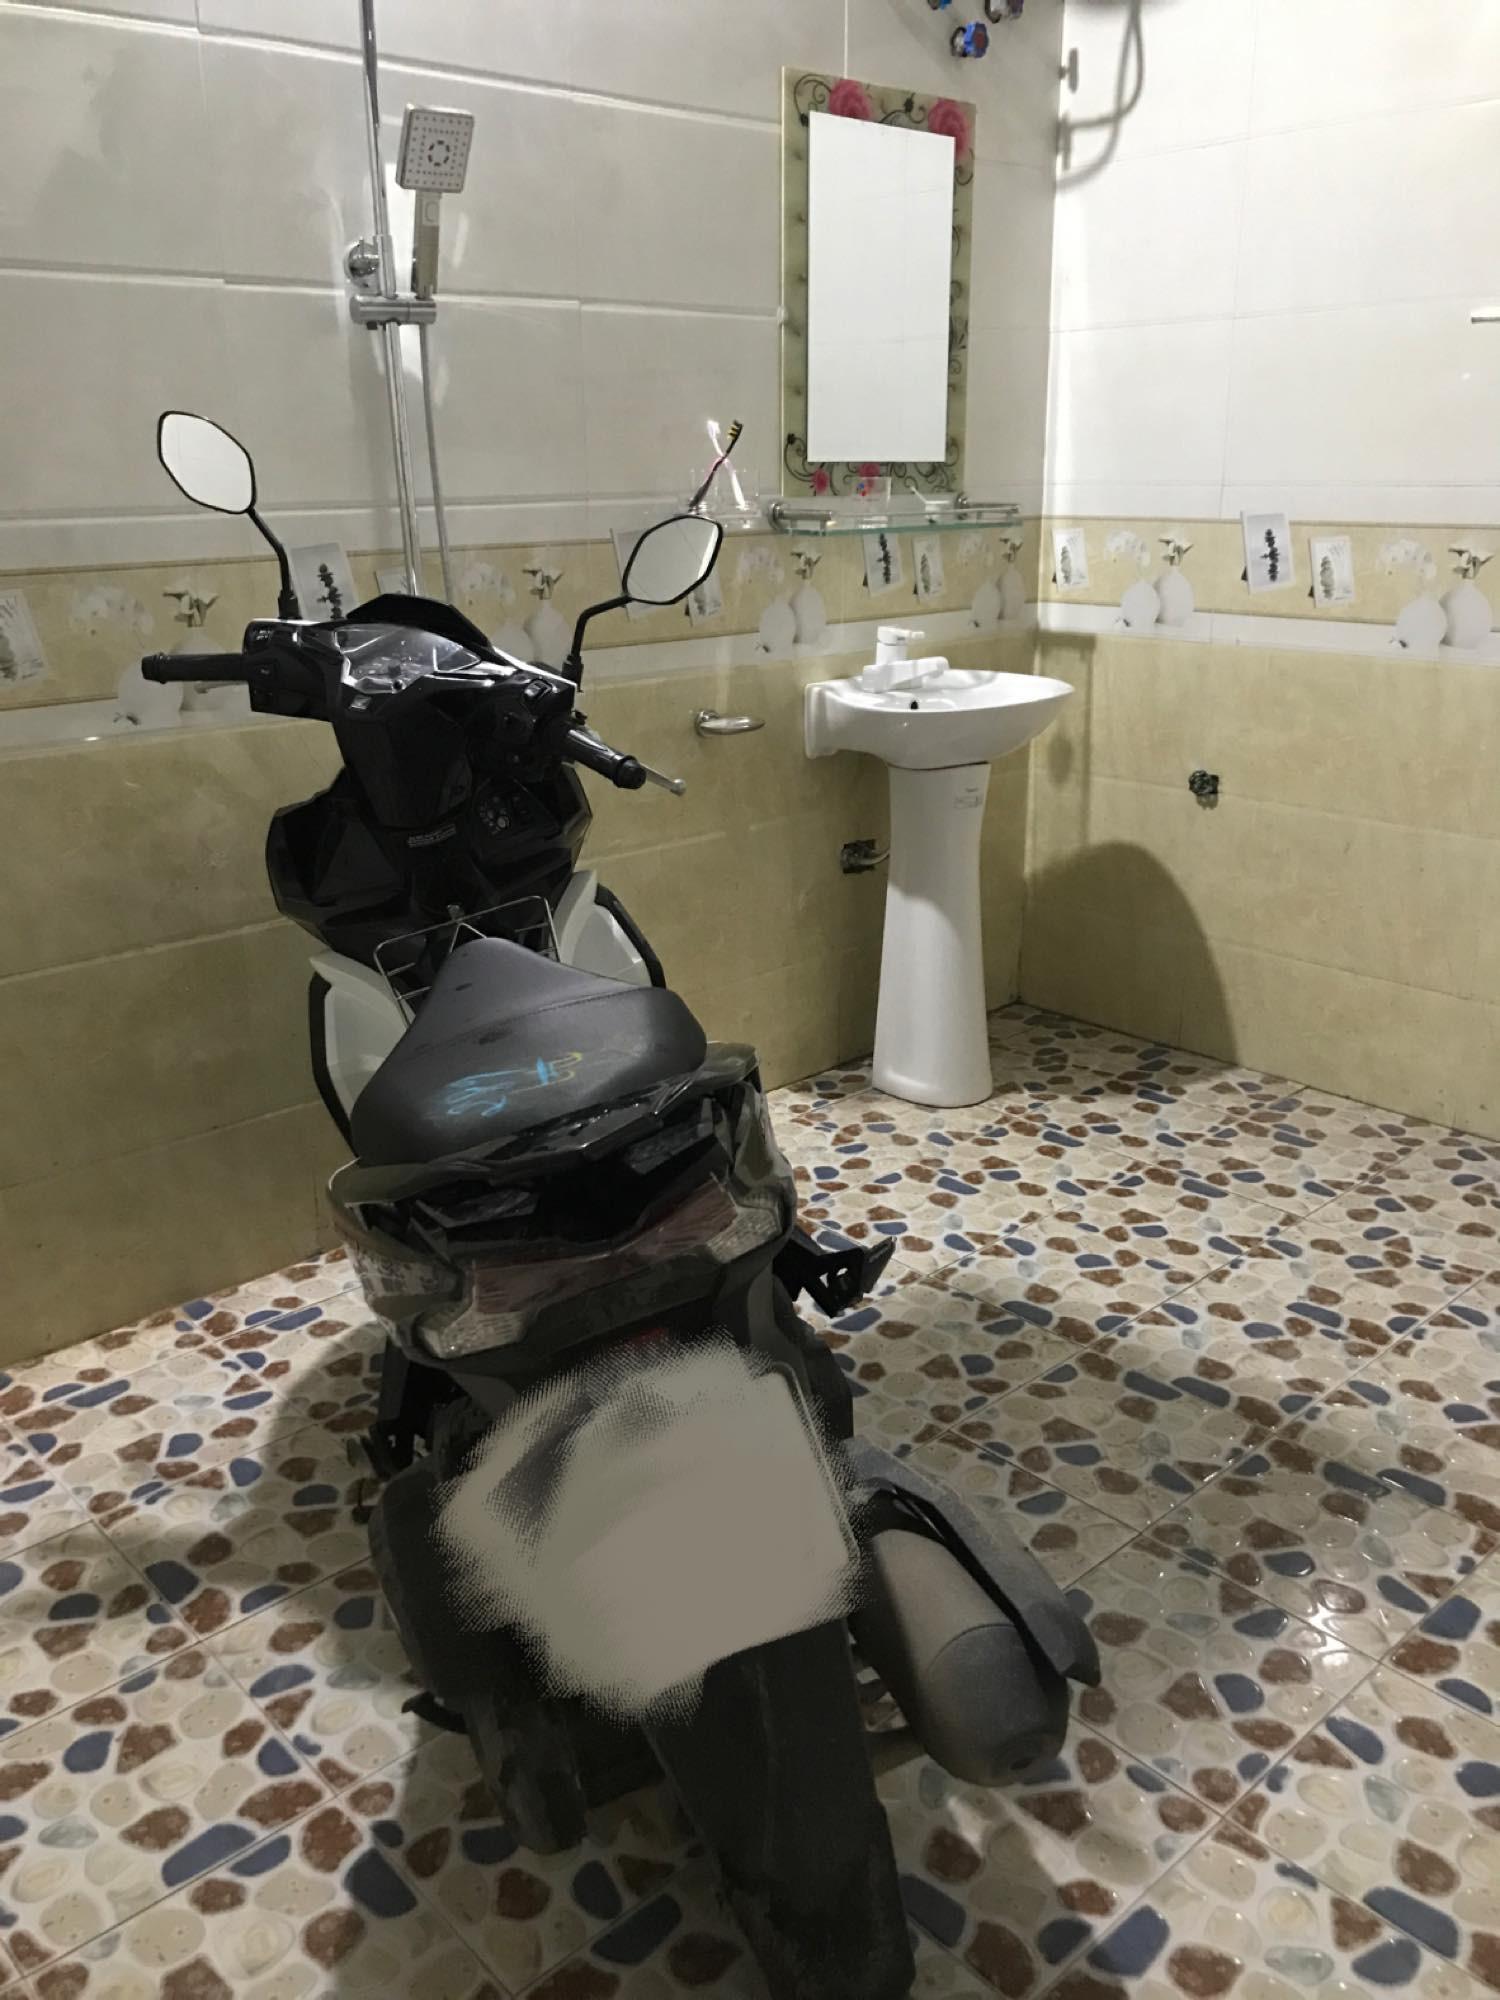 Ông bố sợ bị trộm đột nhập nên dắt xe máy cất hẳn trong... nhà tắm, nhưng dân mạng lại chỉ chú ý đến điều này 2